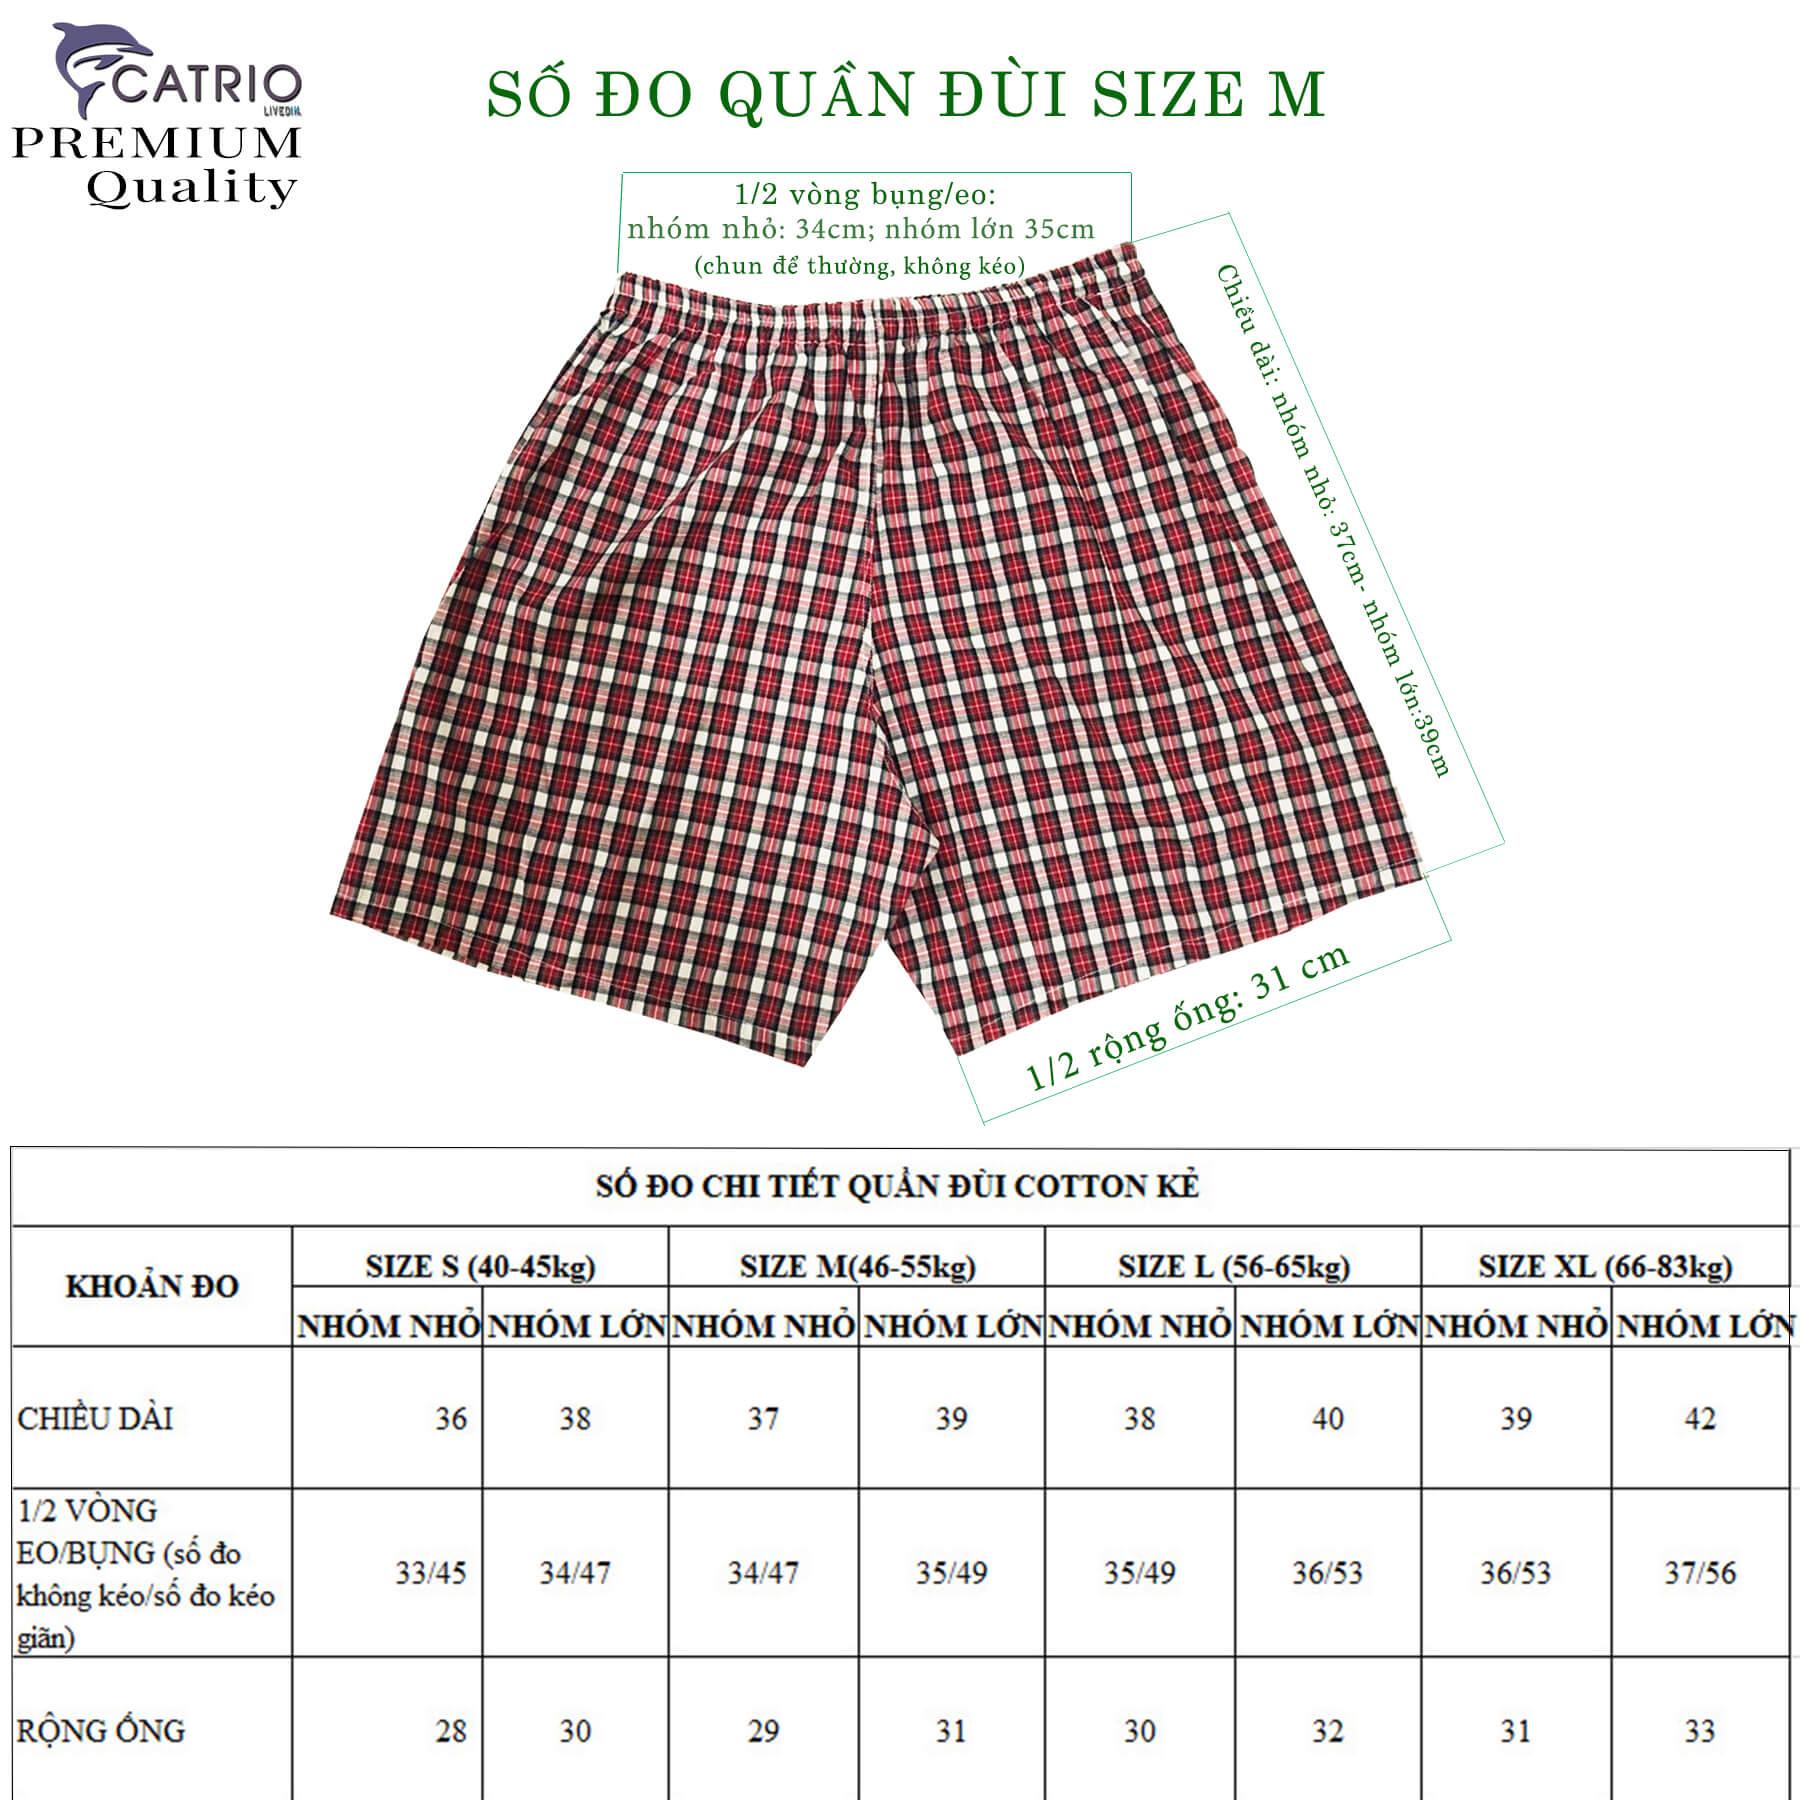 QUẦN ĐÙI NAM CATRIO MÀU 26 cho các bé lớn, nam trung niên, cao tuổi có cân nặng từ 40kg đến 83kg là quần short nam bé trai size đại, được làm từ vải may áo sơ mi thuộc BST quần short áo phông mùa hè CATRIO 2021